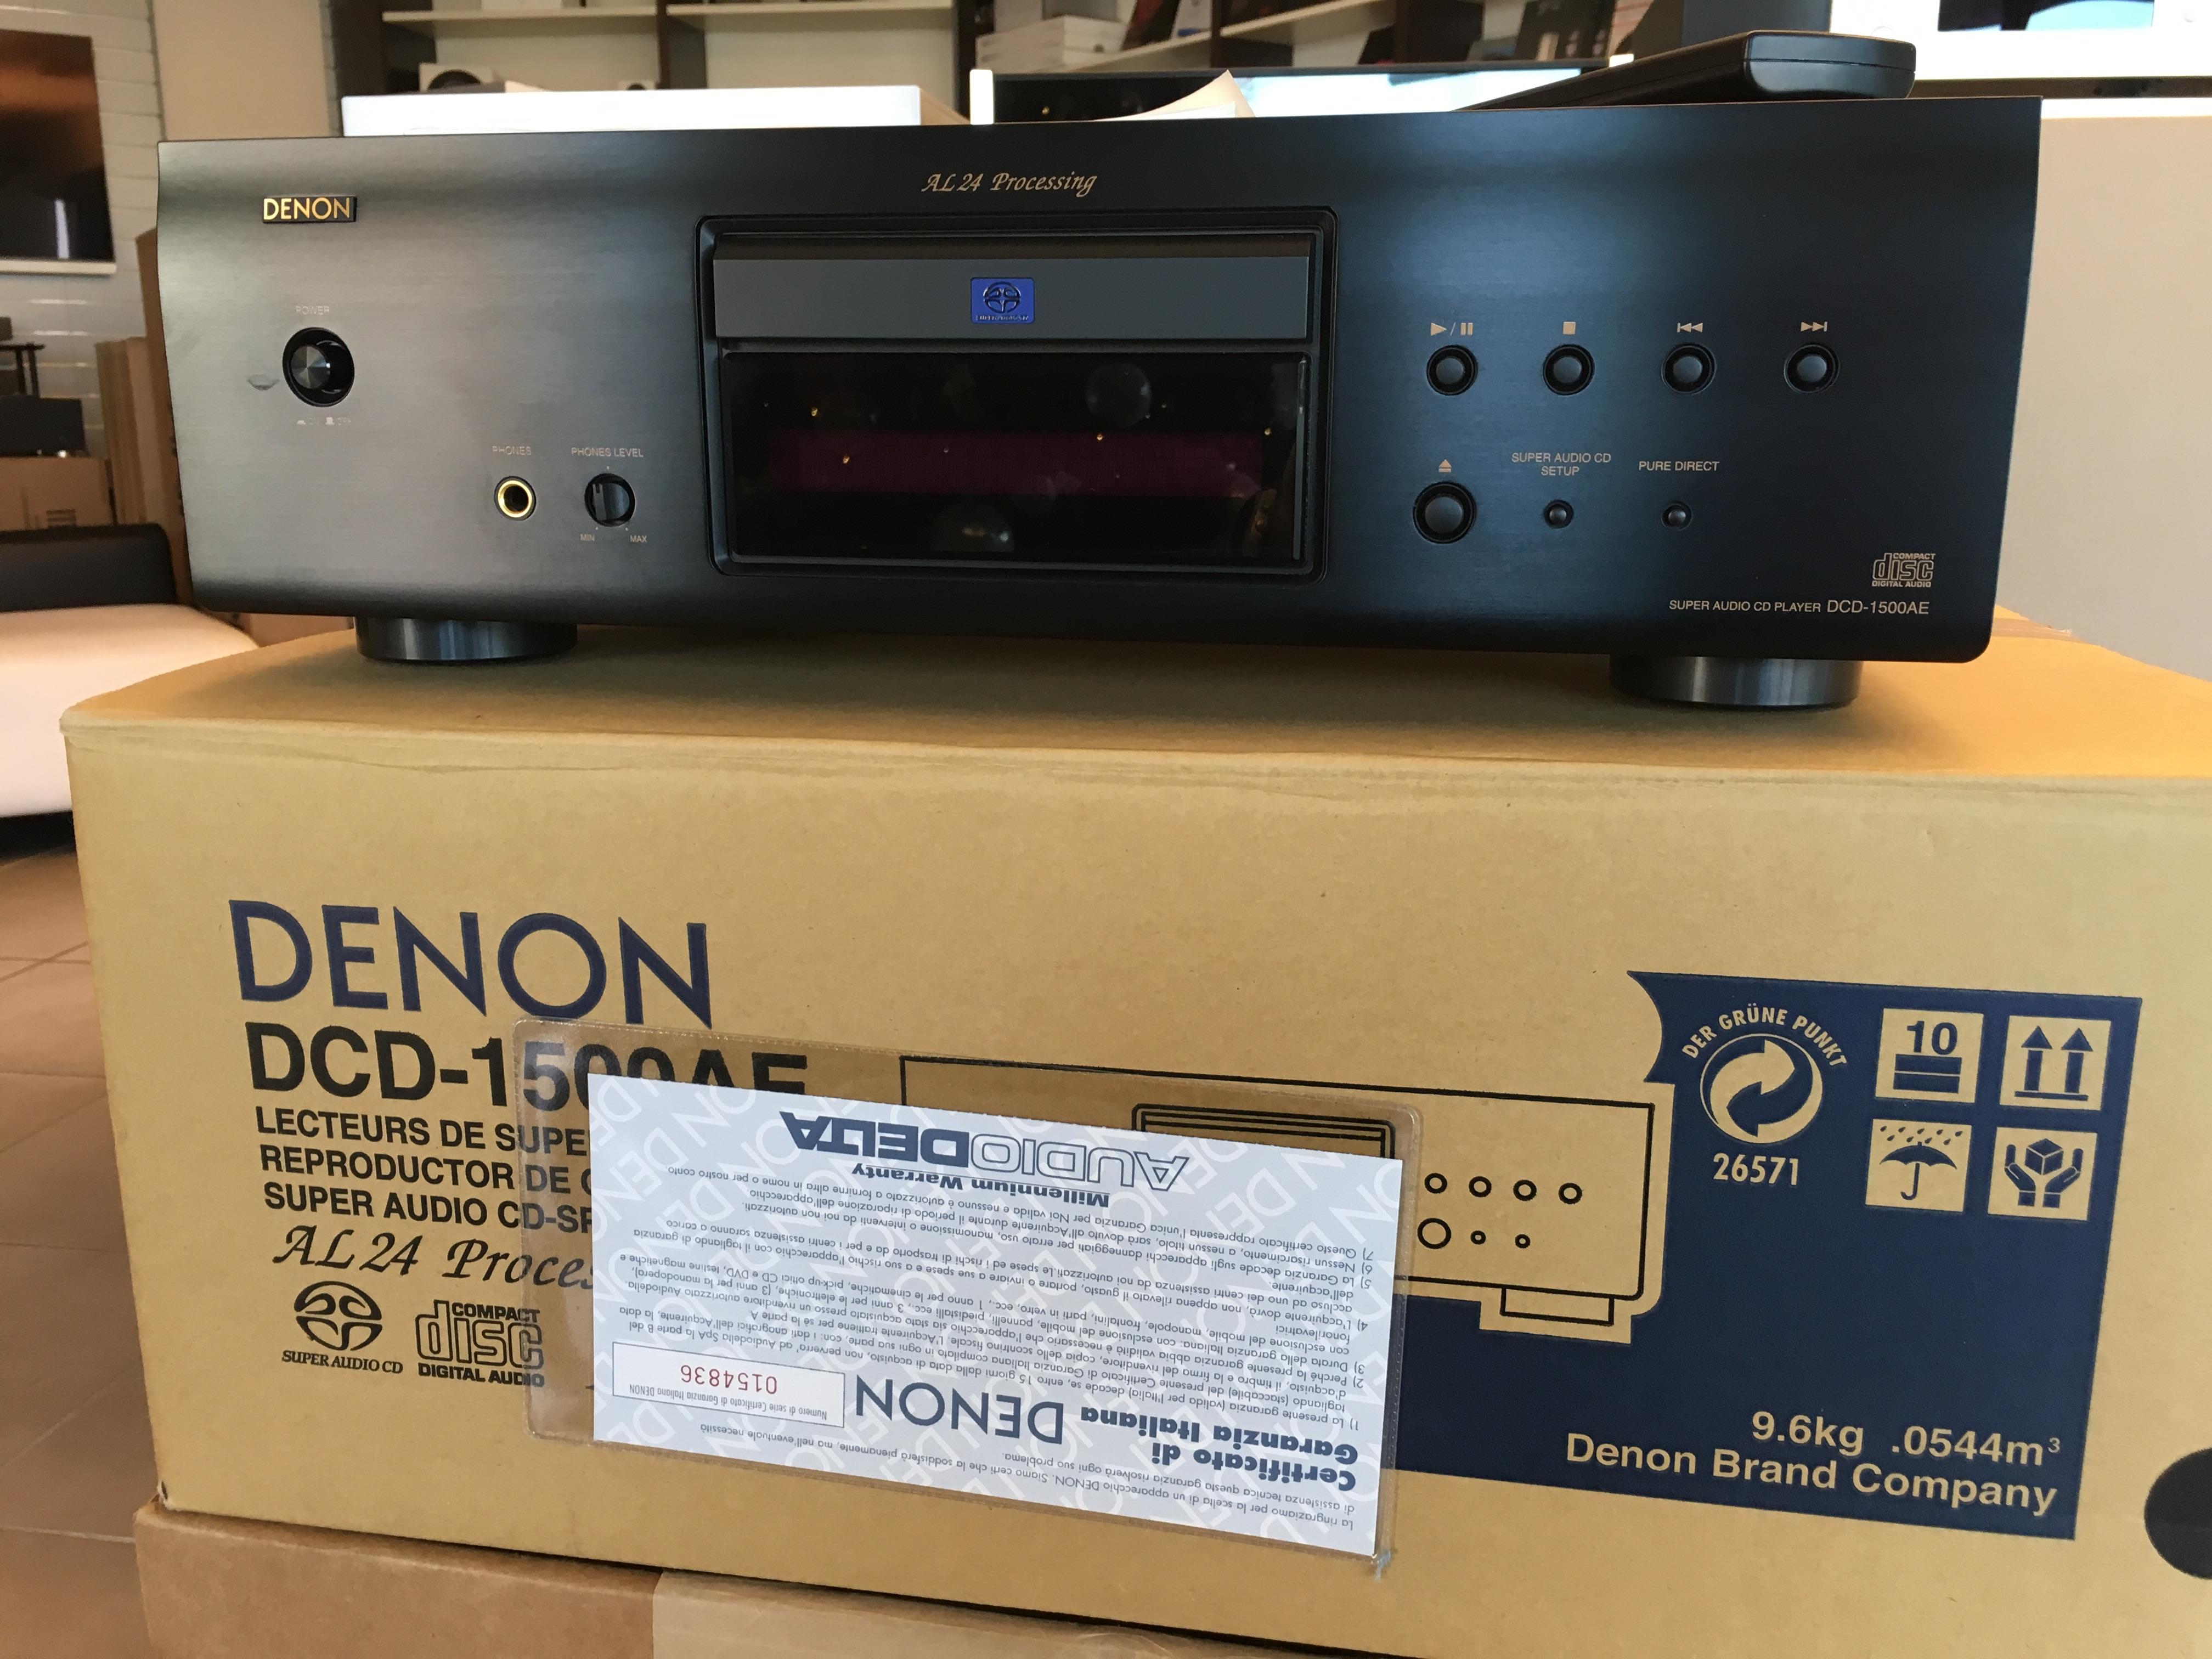 OCCASIONE DCD 1500 DENON LETTORE CD /SACD